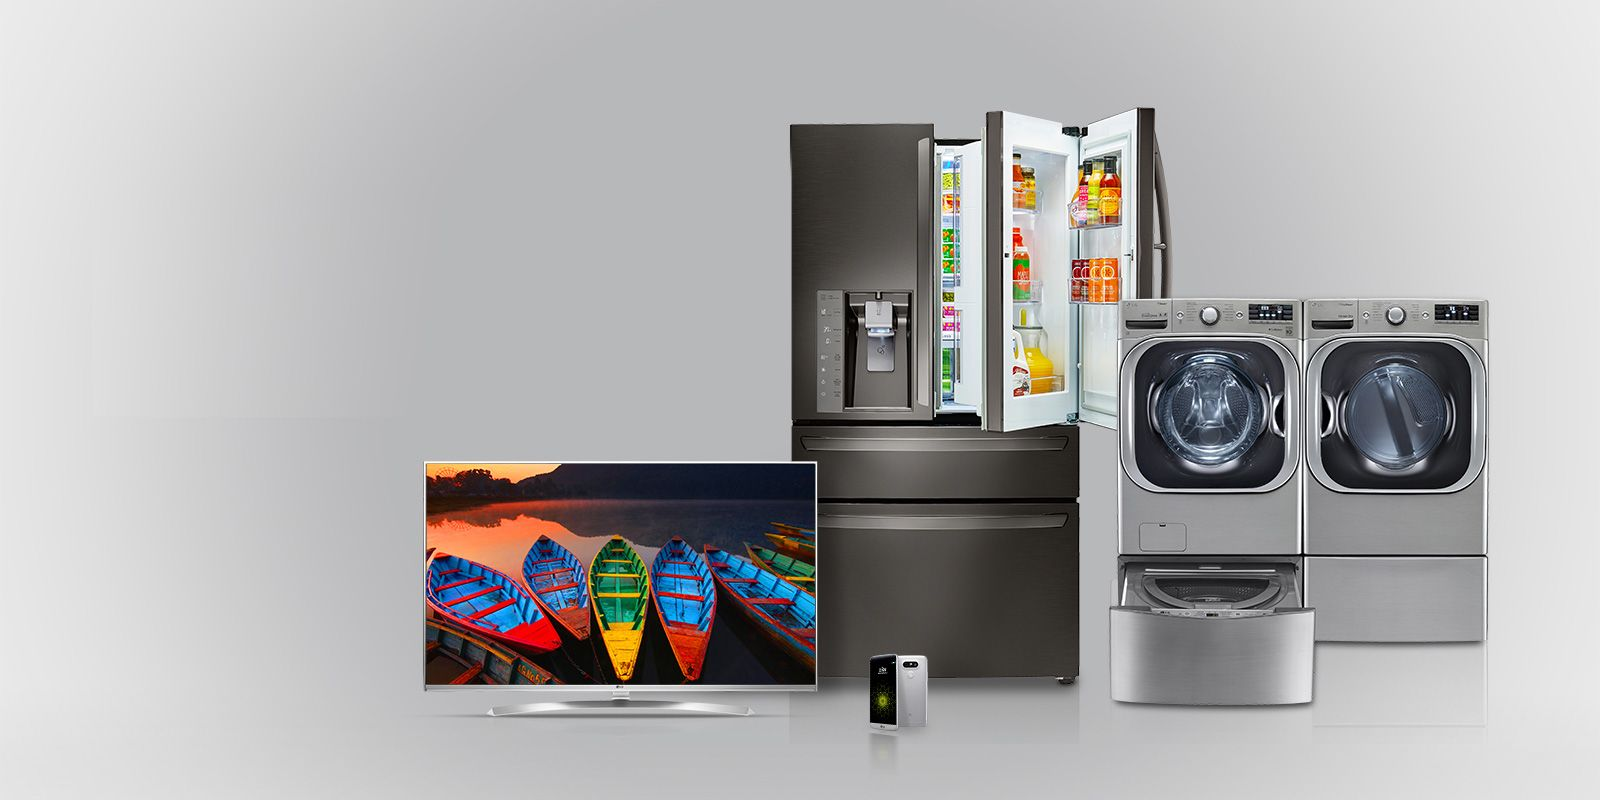 136c7a1a95071409446b822f4cd415b7 - Washing Machine Repair Dubai Discovery Gardens